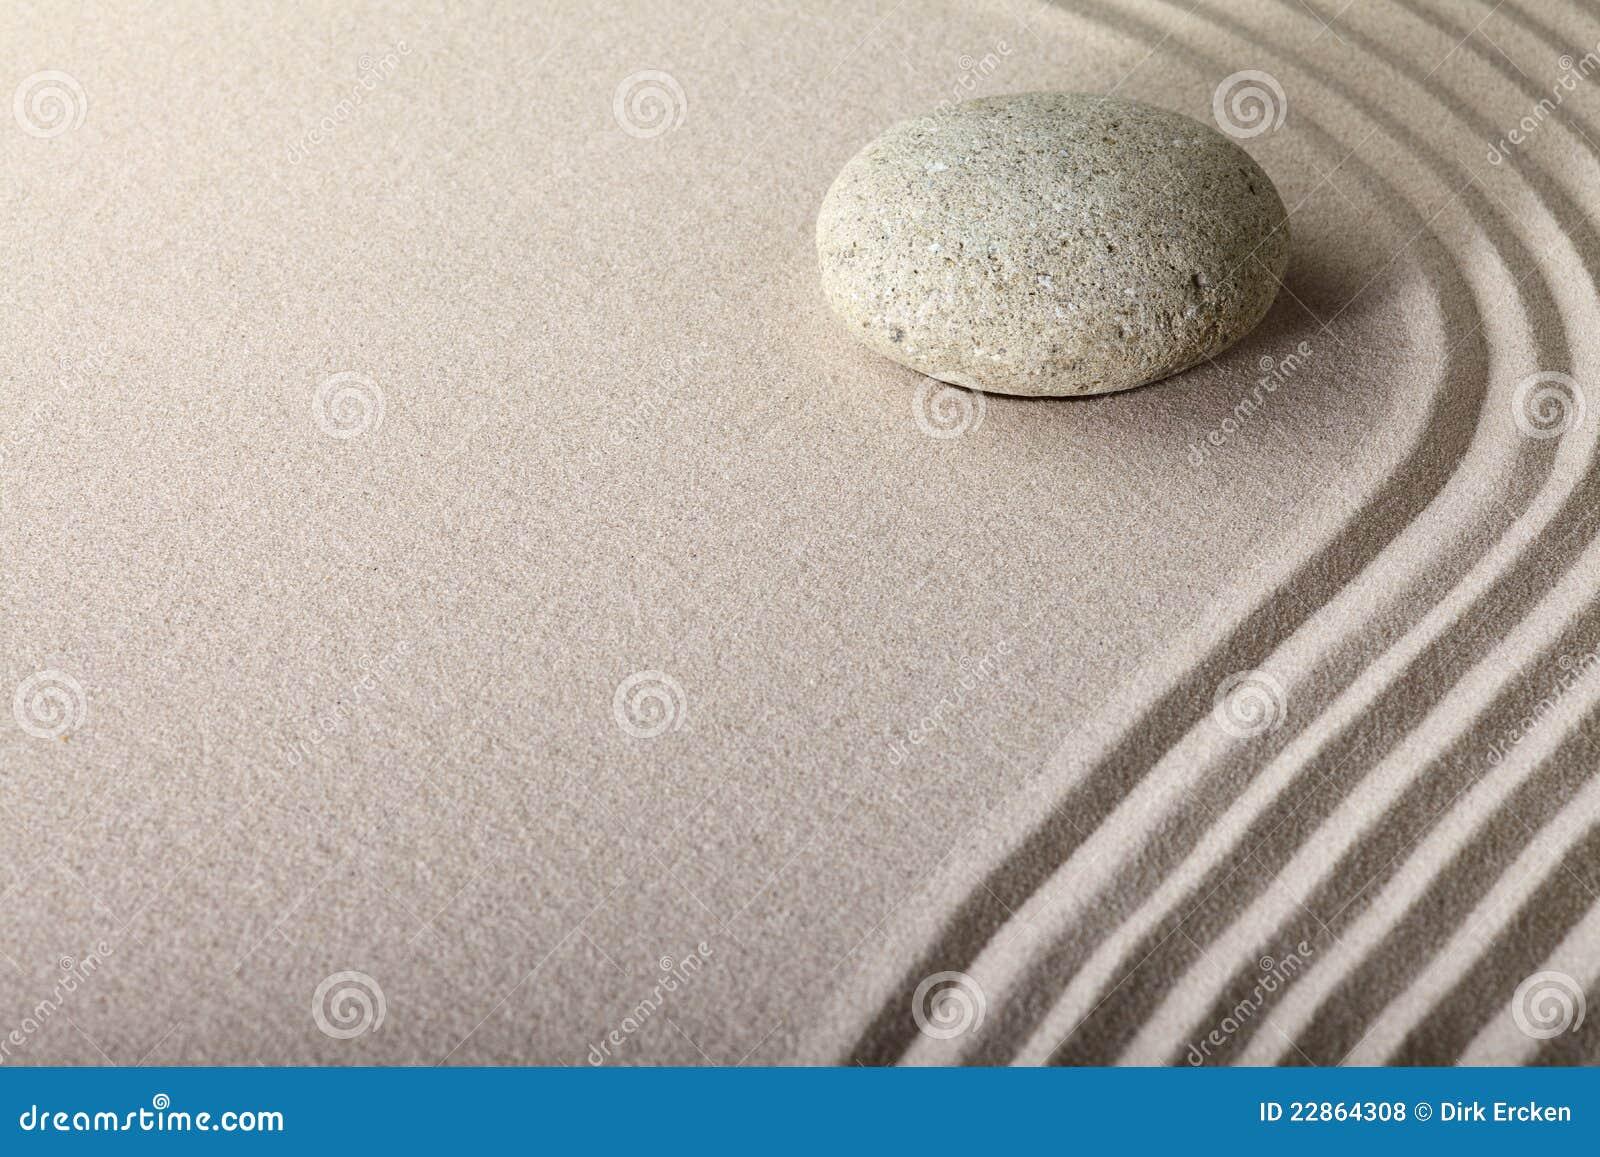 De achtergrond van Zen sand stone garden spa